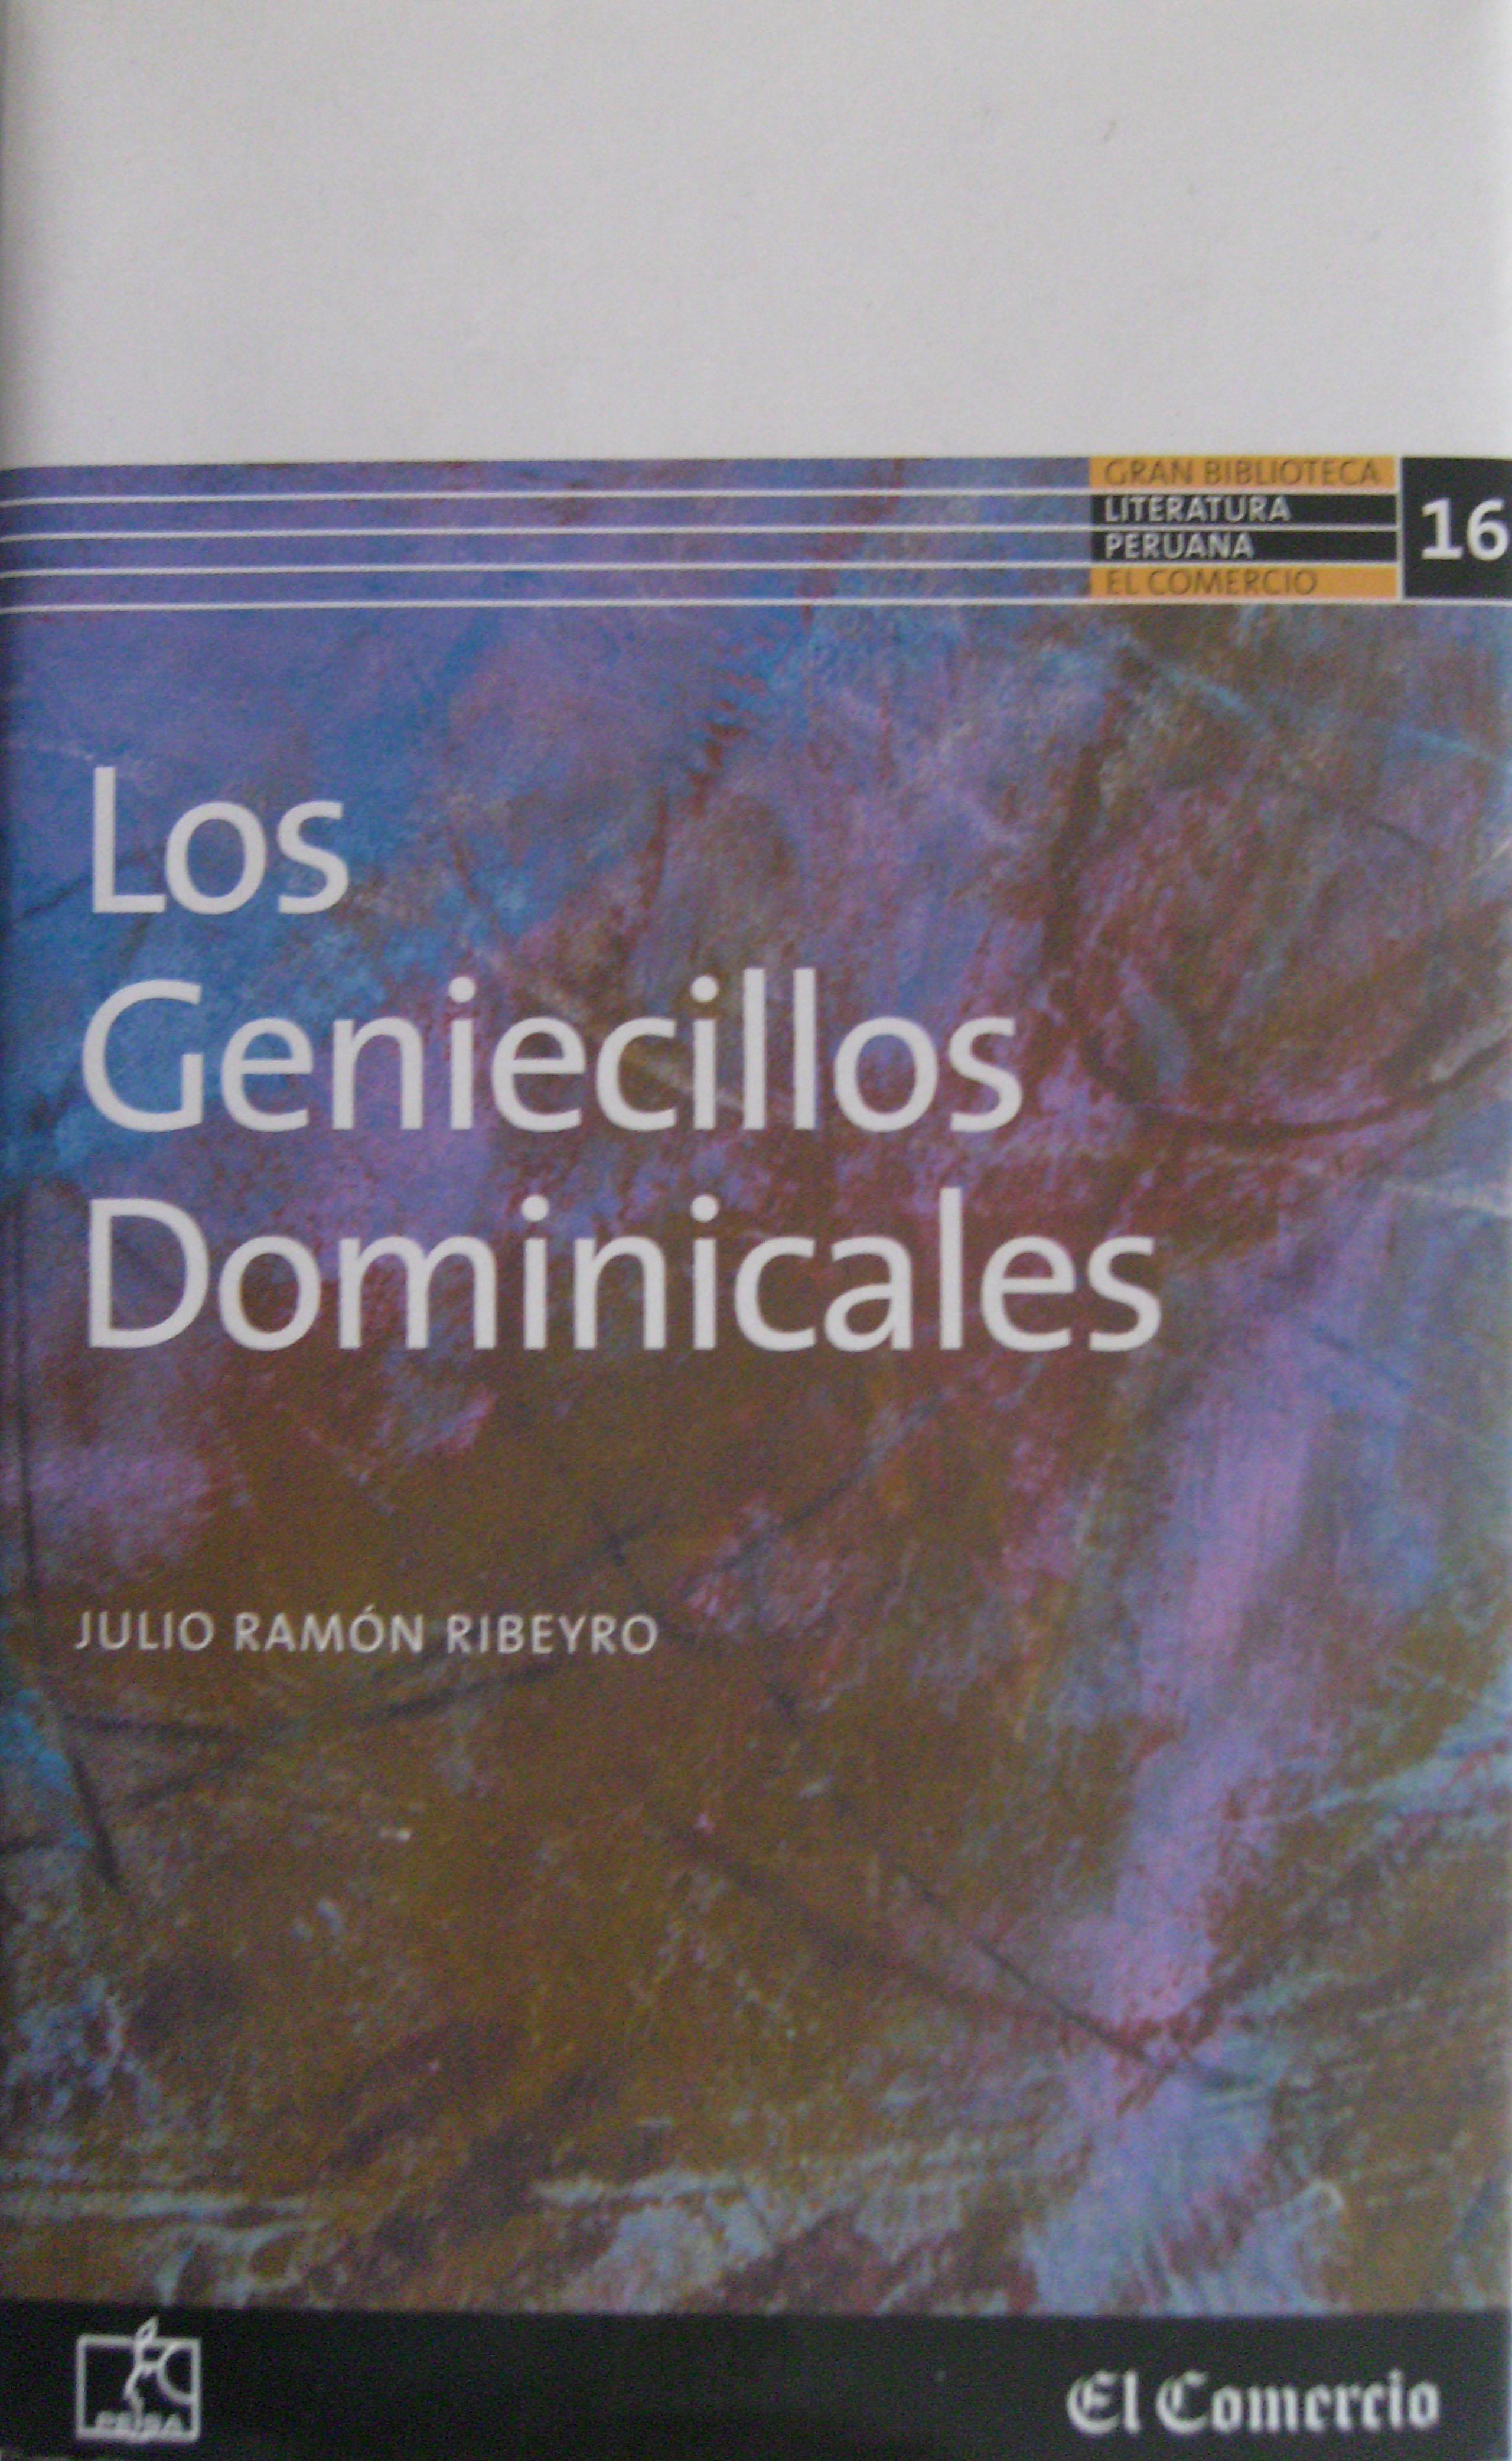 Los Geniecillos Dominicales